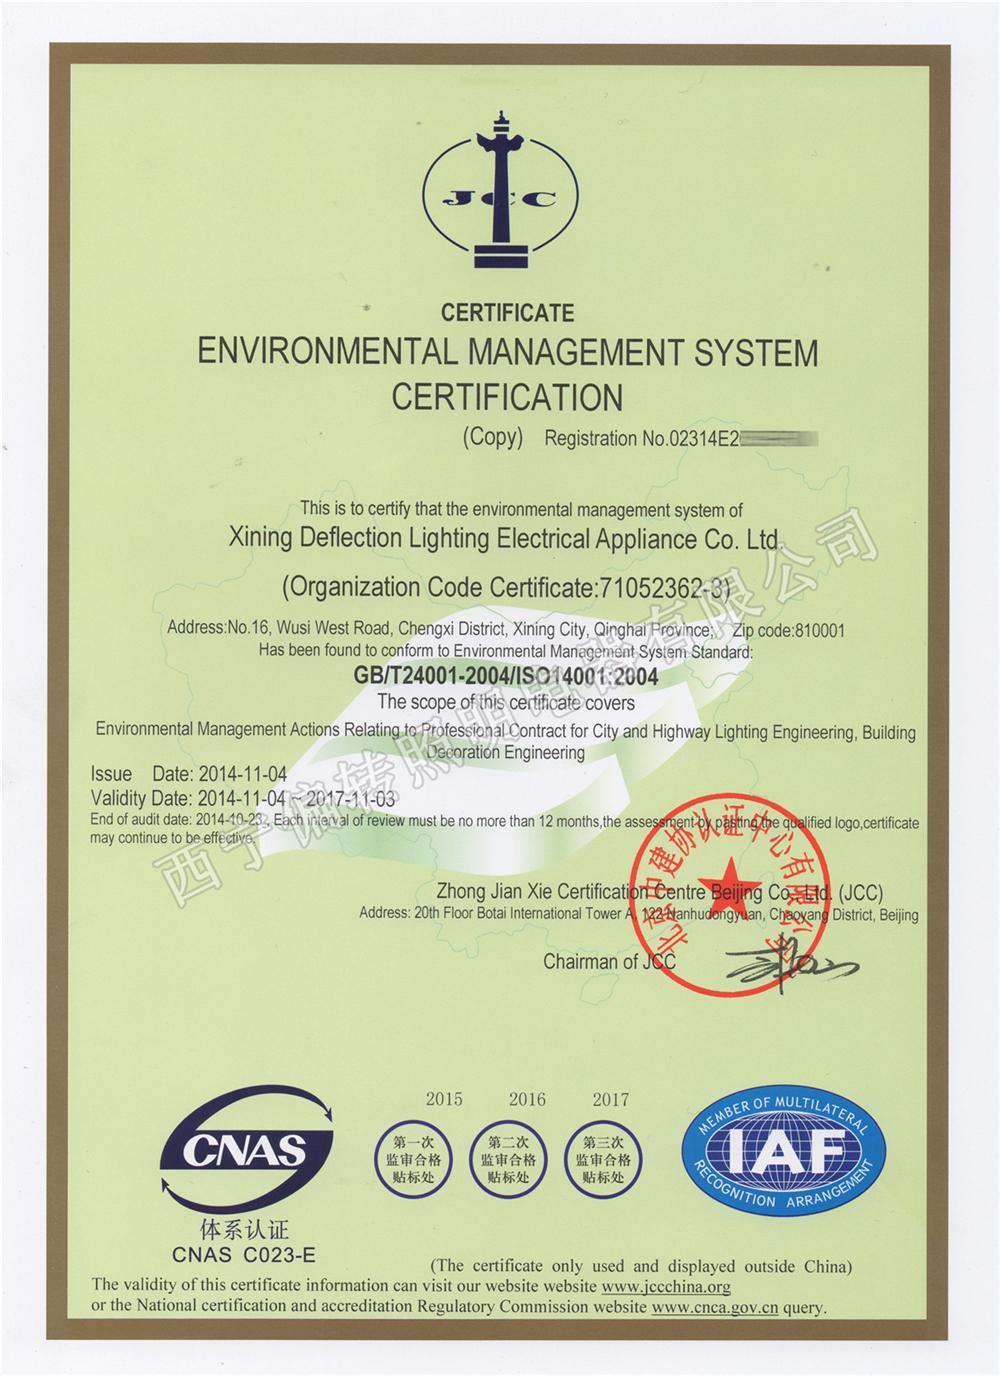 环境管理体系认证证书英文.jpg